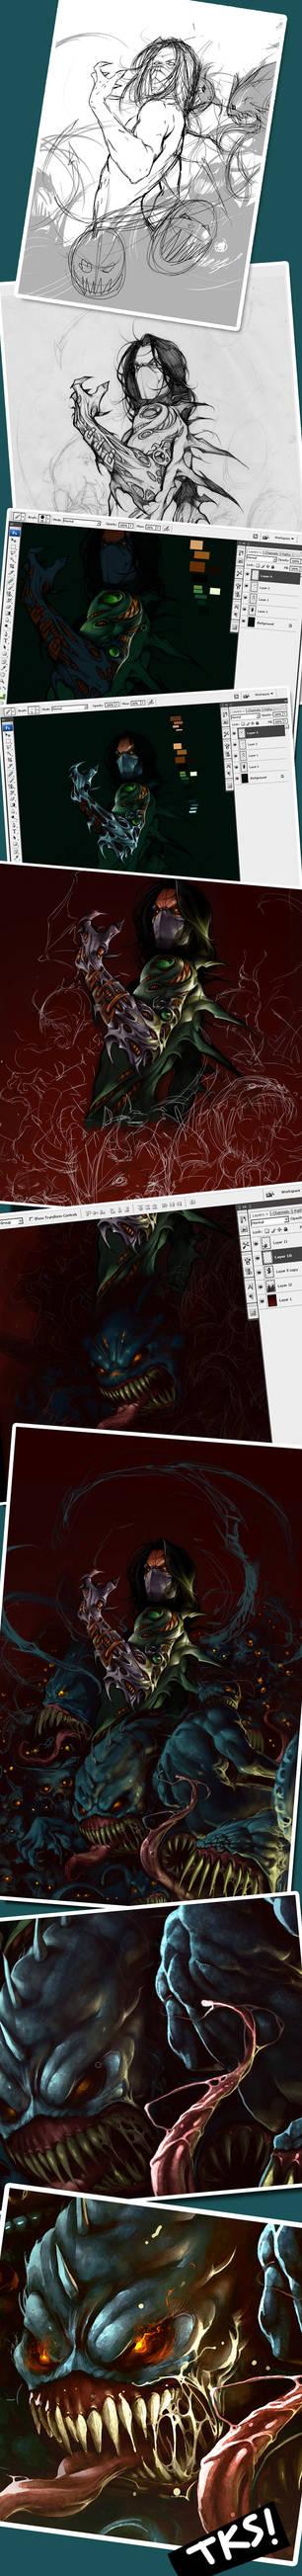 Darkness Details